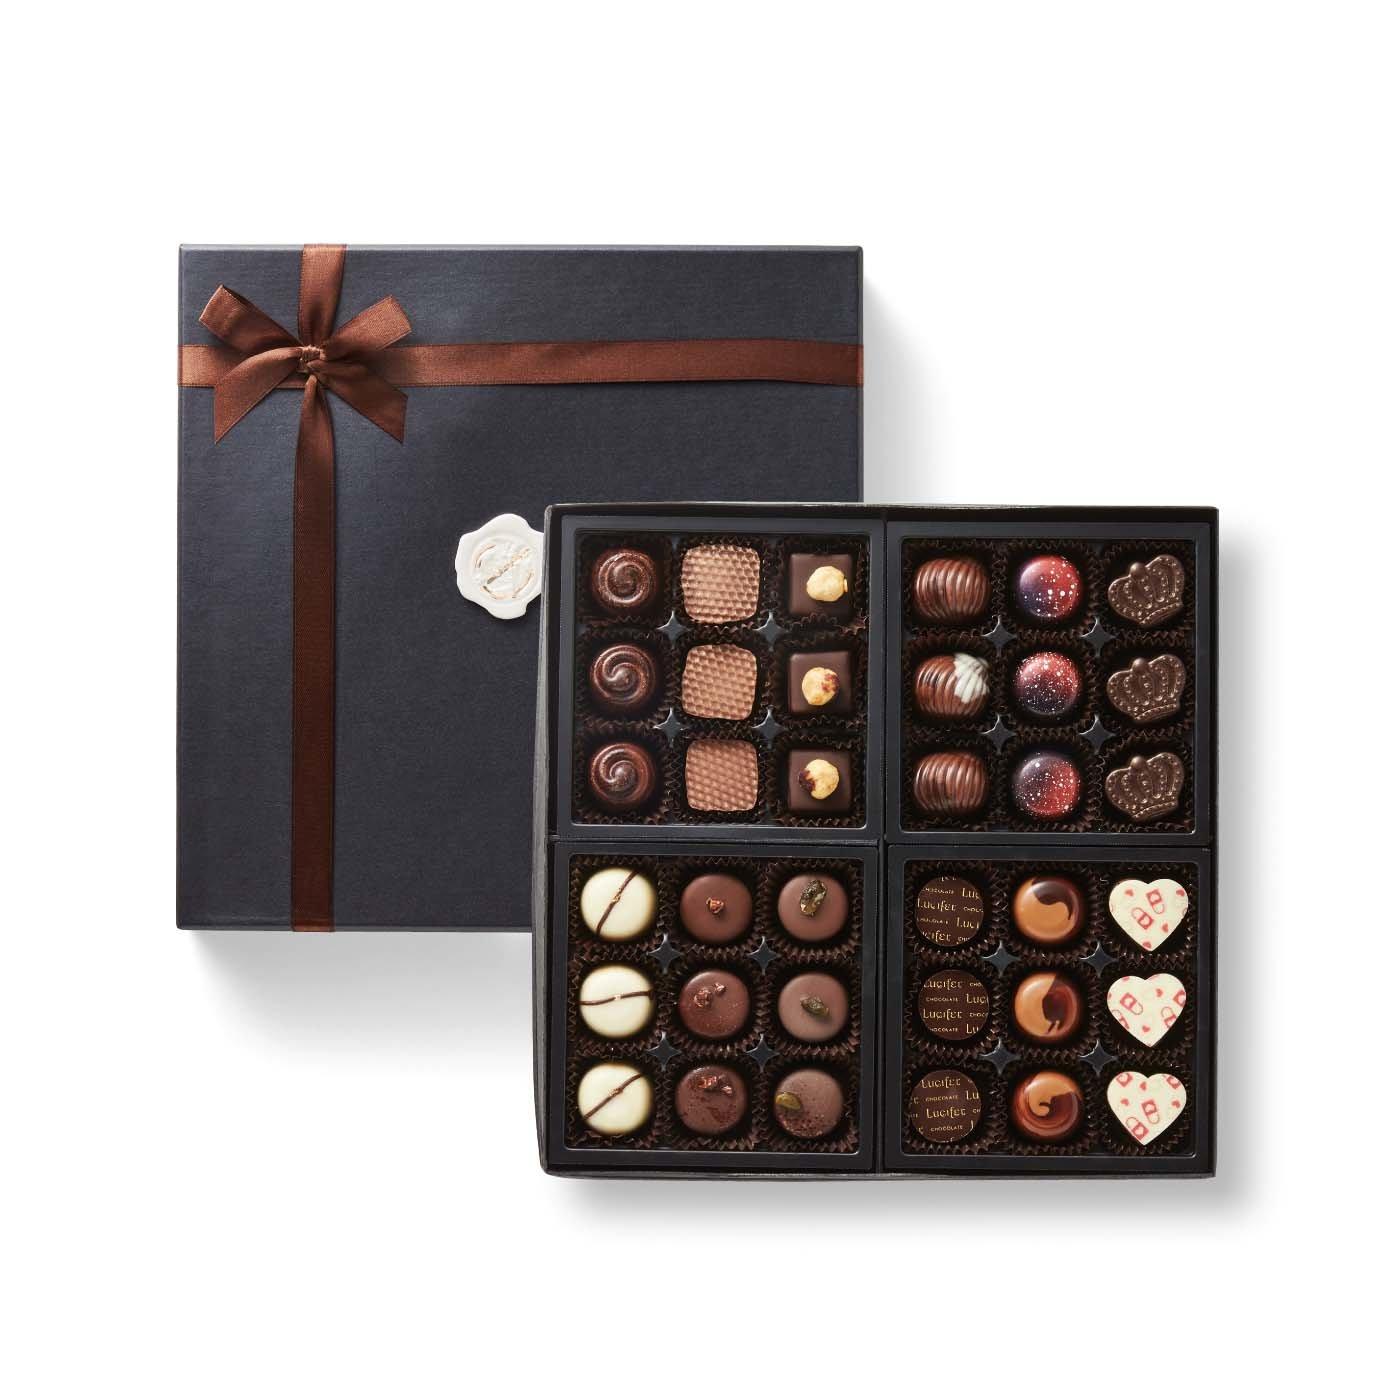 幸福のチョコレートメンバーサロン ゴールドメンバーコース (6ヵ月予約便)